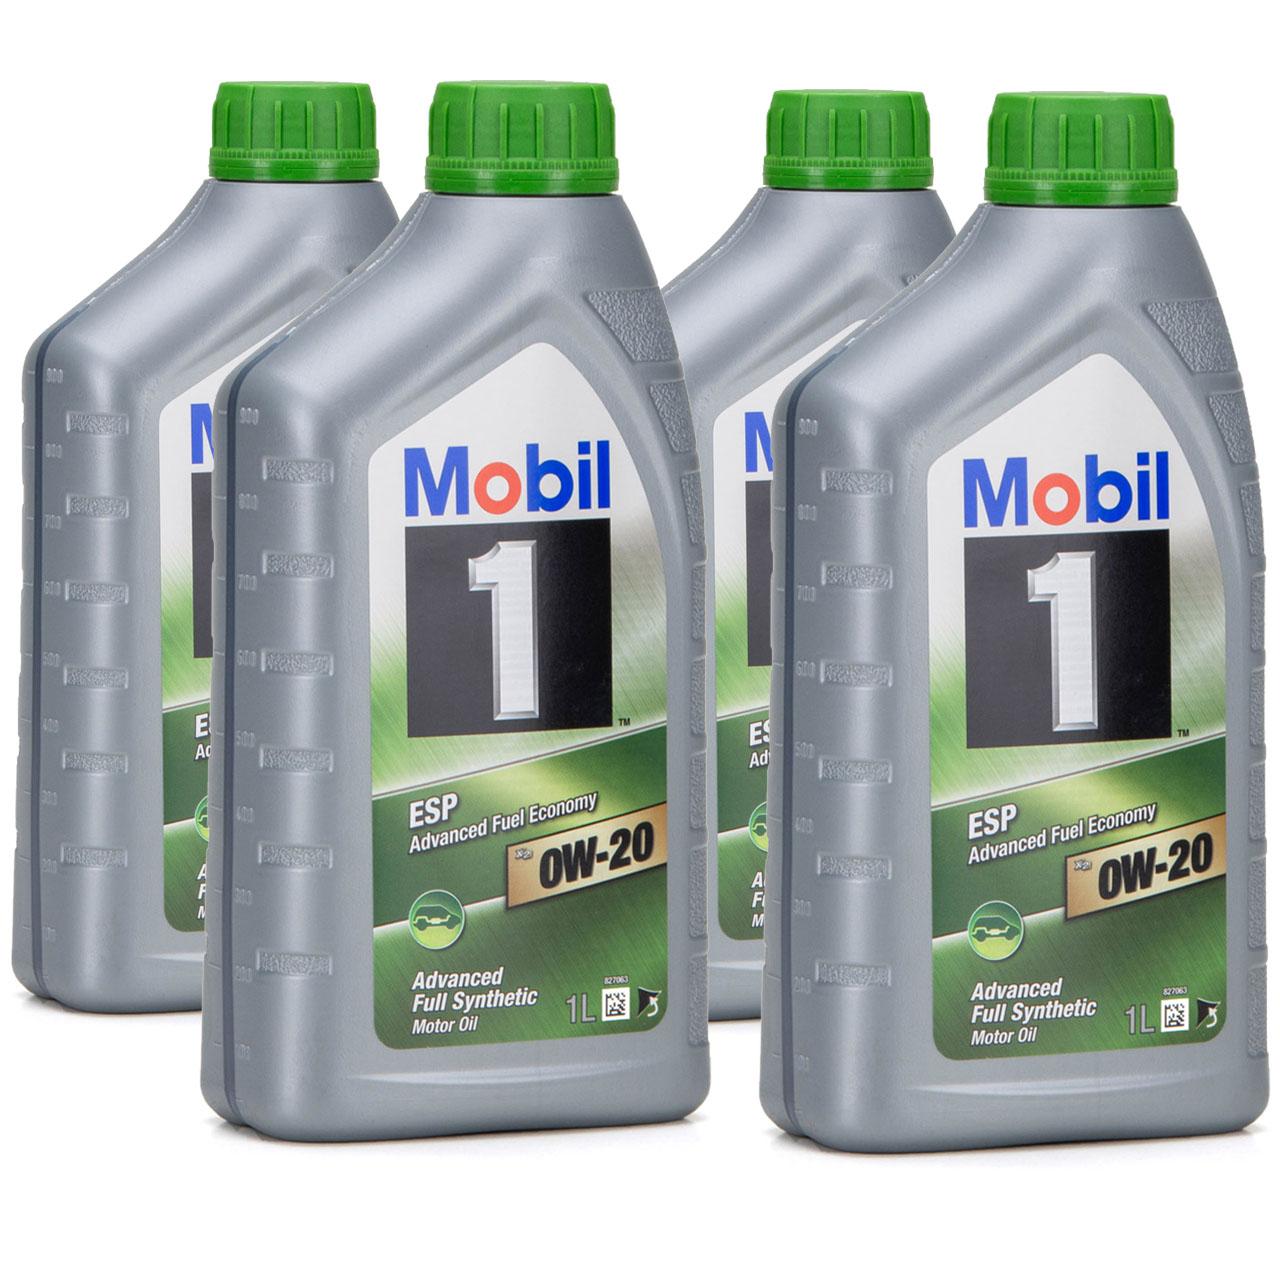 Mobil 1 ESP X2 Motoröl Öl 0W-20 0W20 PORSCHE C20 VW 508.00/509.00 - 4L 4 Liter